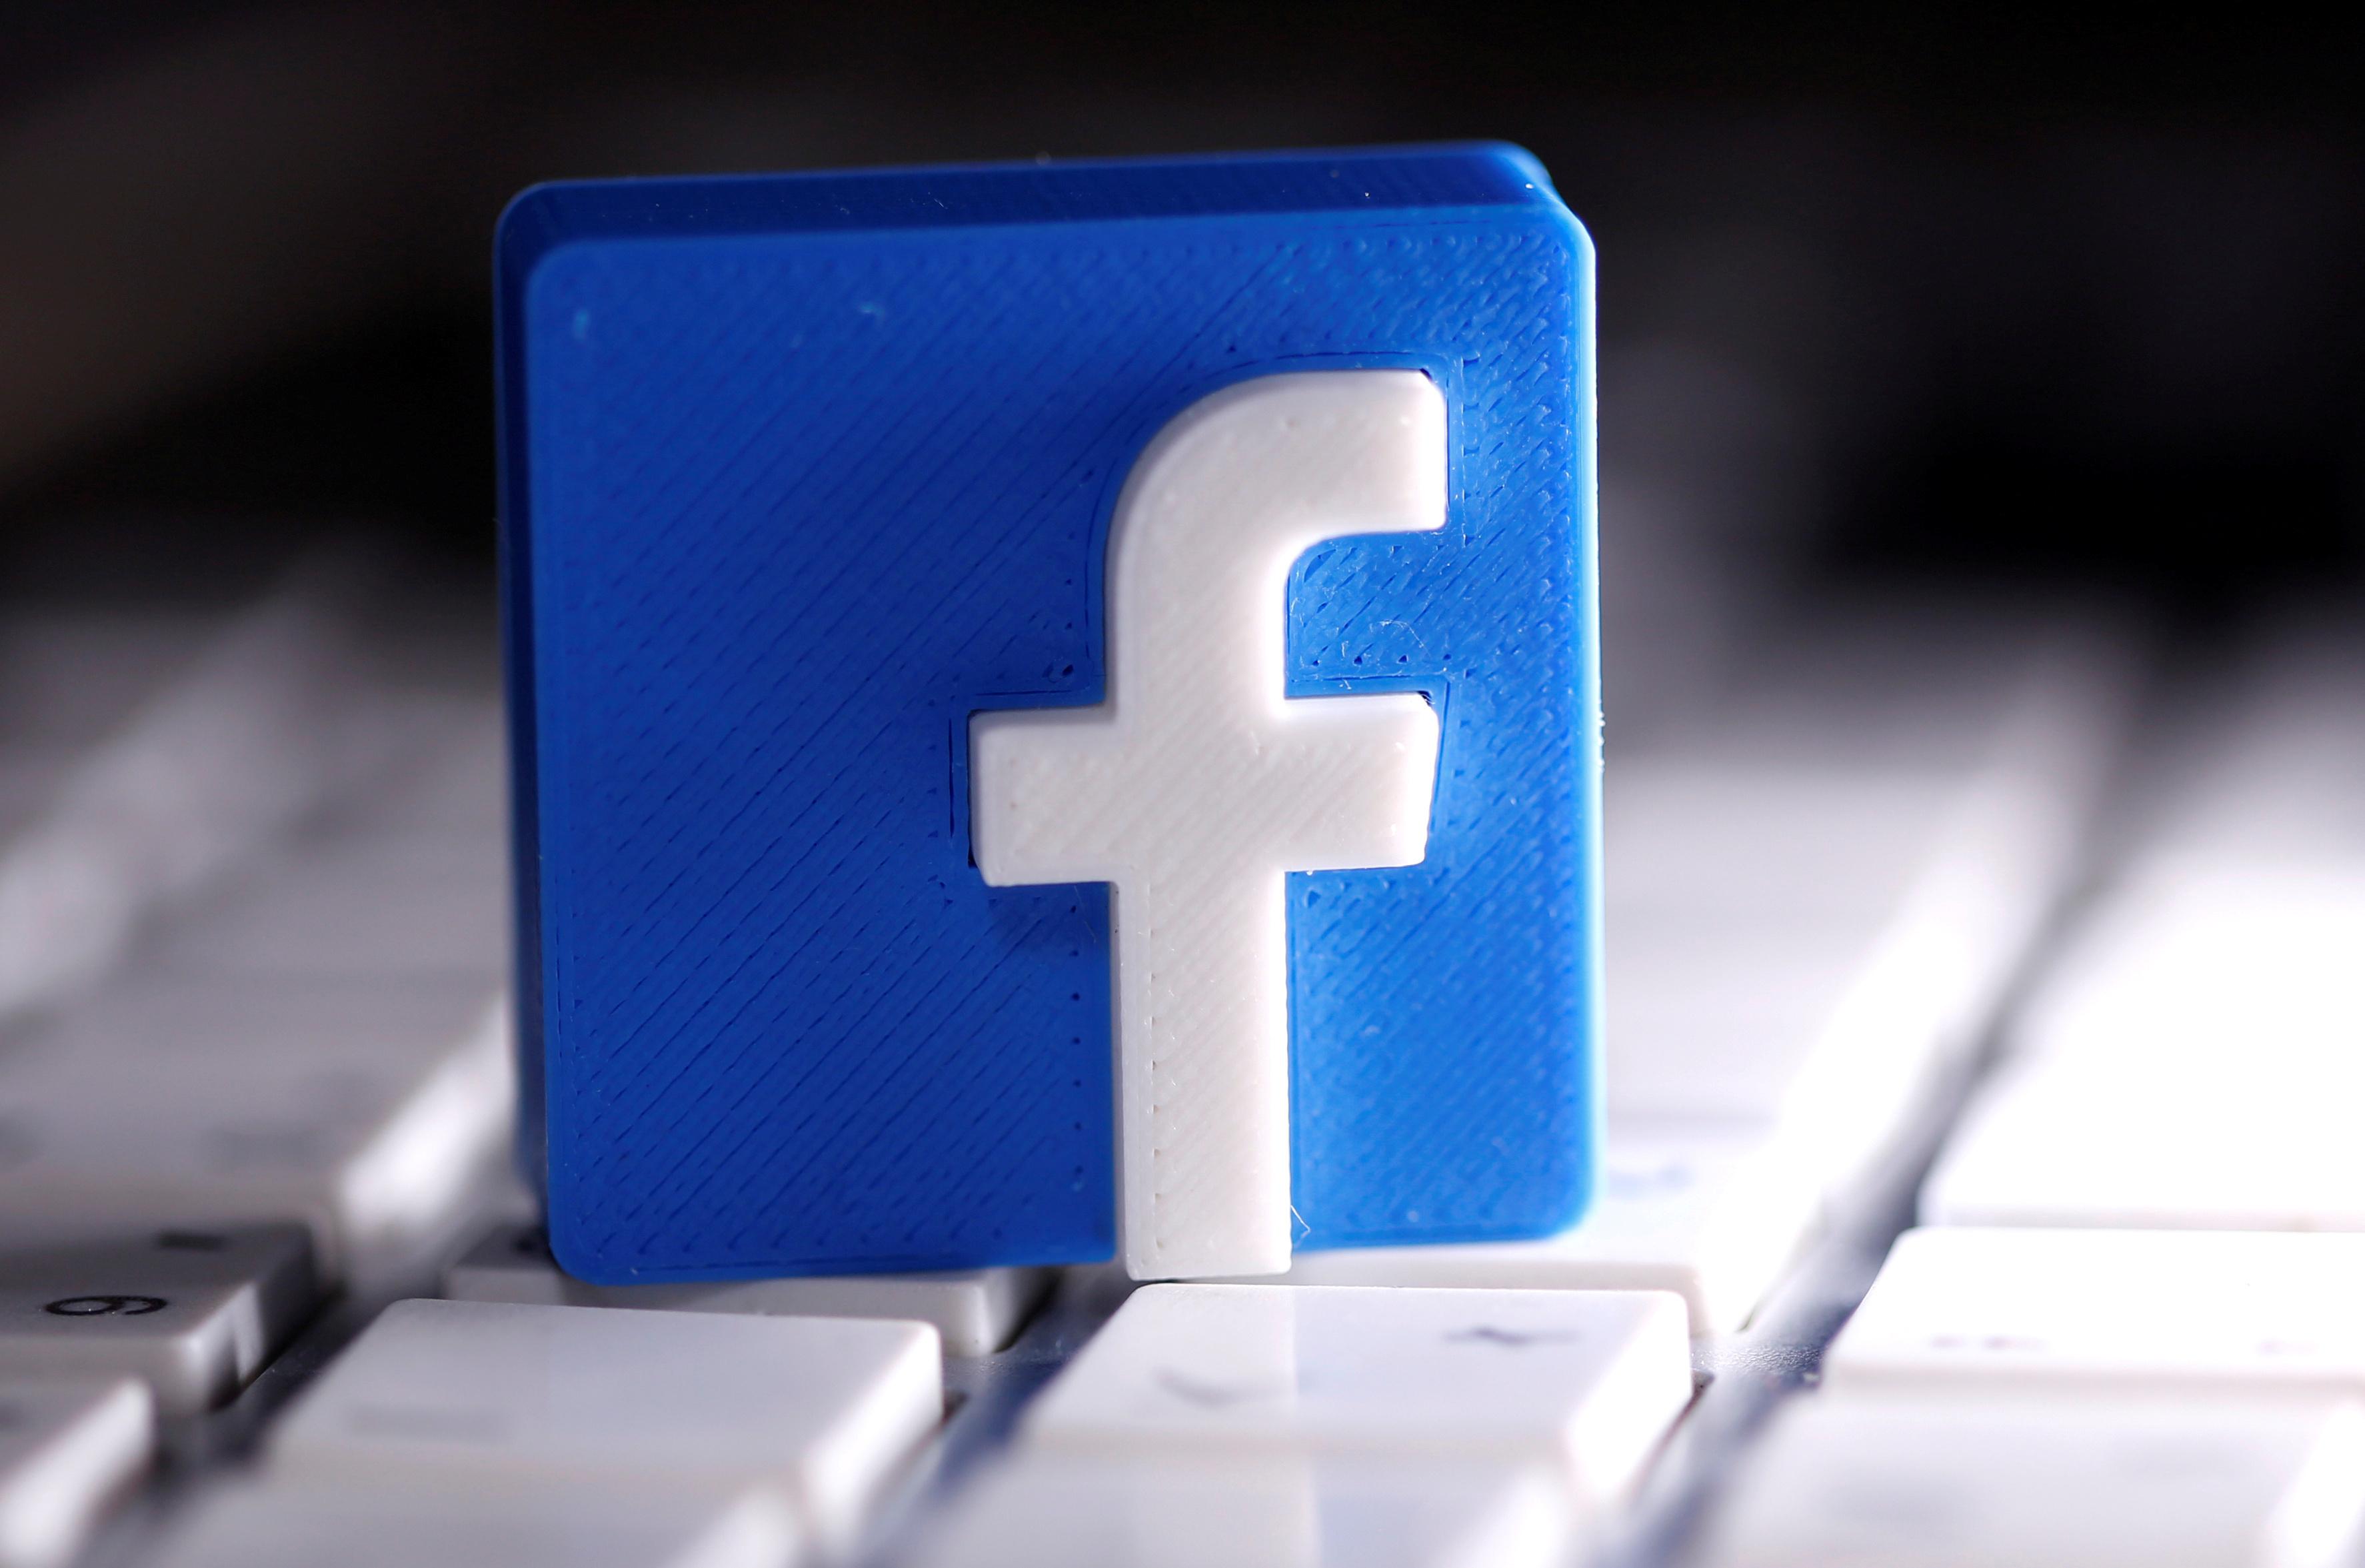 فيسبوك وإنستغرام يطورون تقنية تسمح بإخفاء أعداد الإعجاب